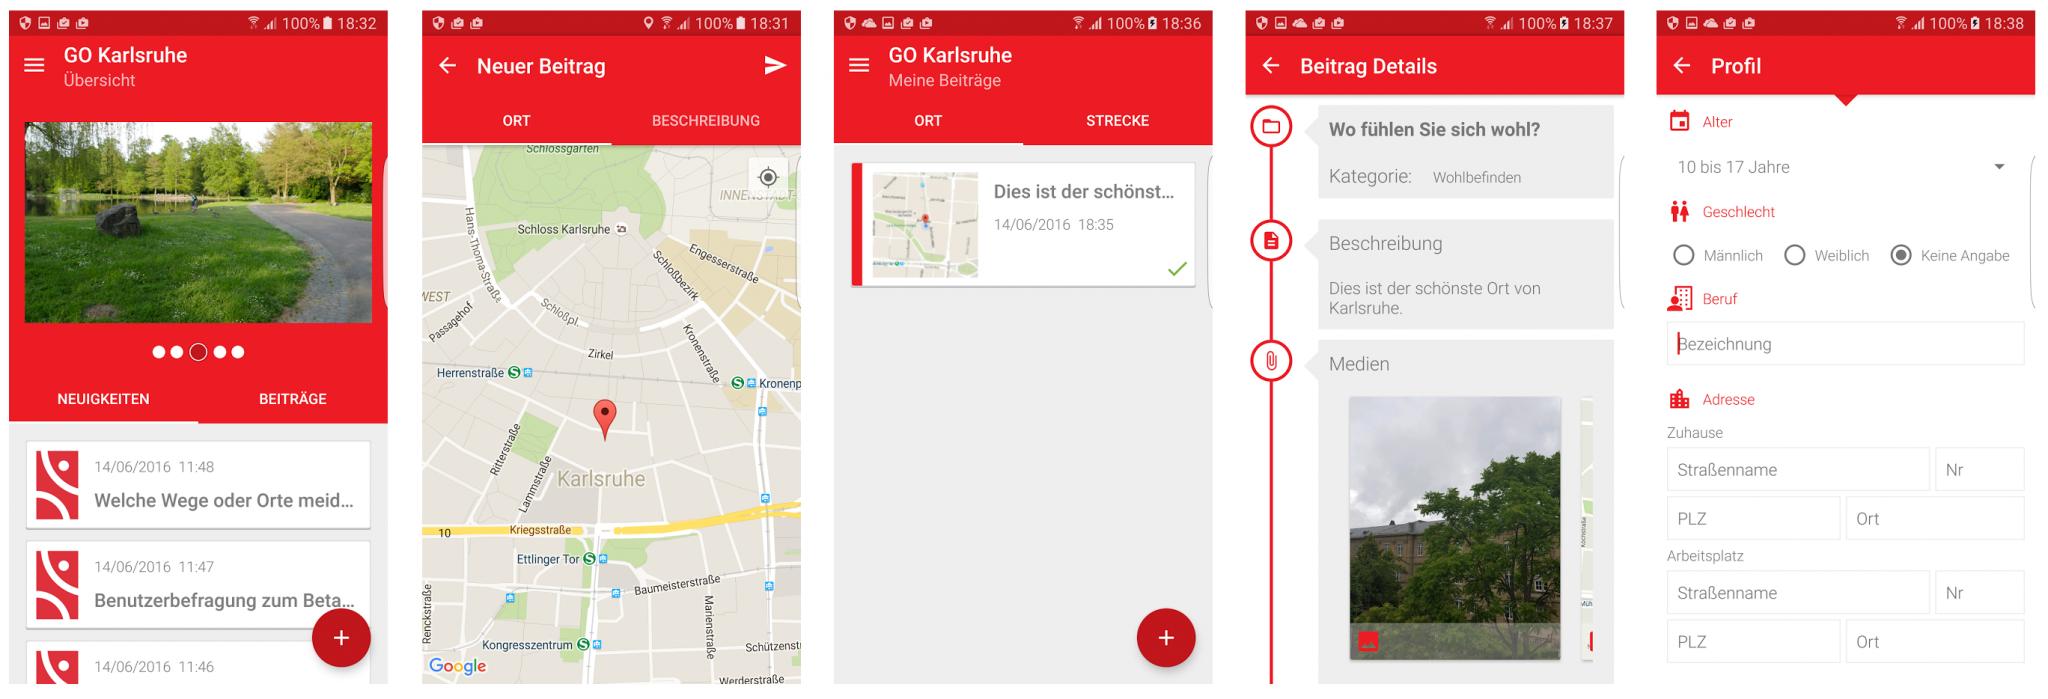 GO Karlsruhe App